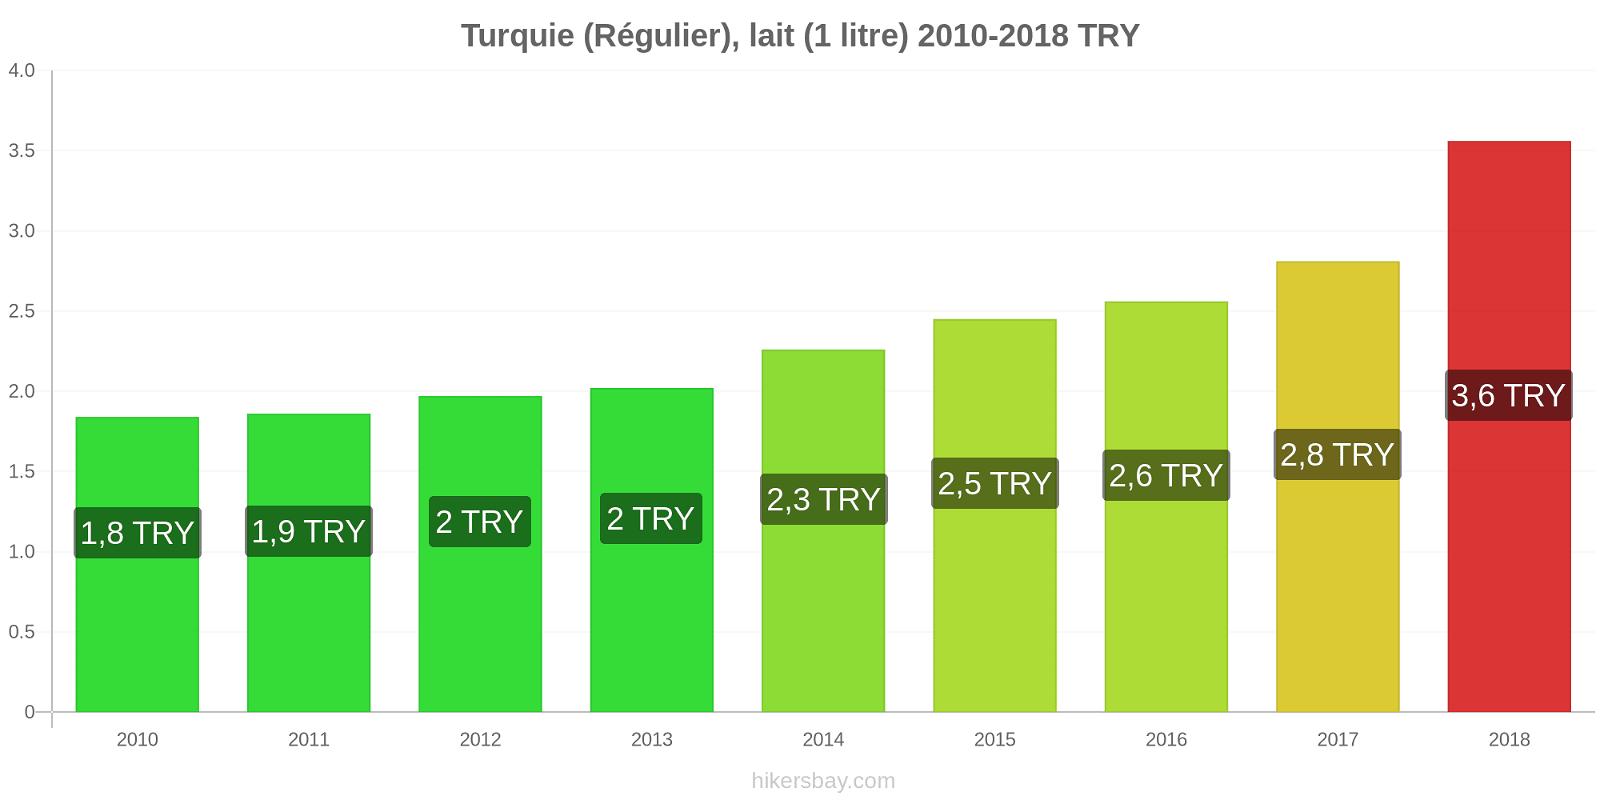 Turquie changements de prix (Régulier), lait (1 litre) hikersbay.com